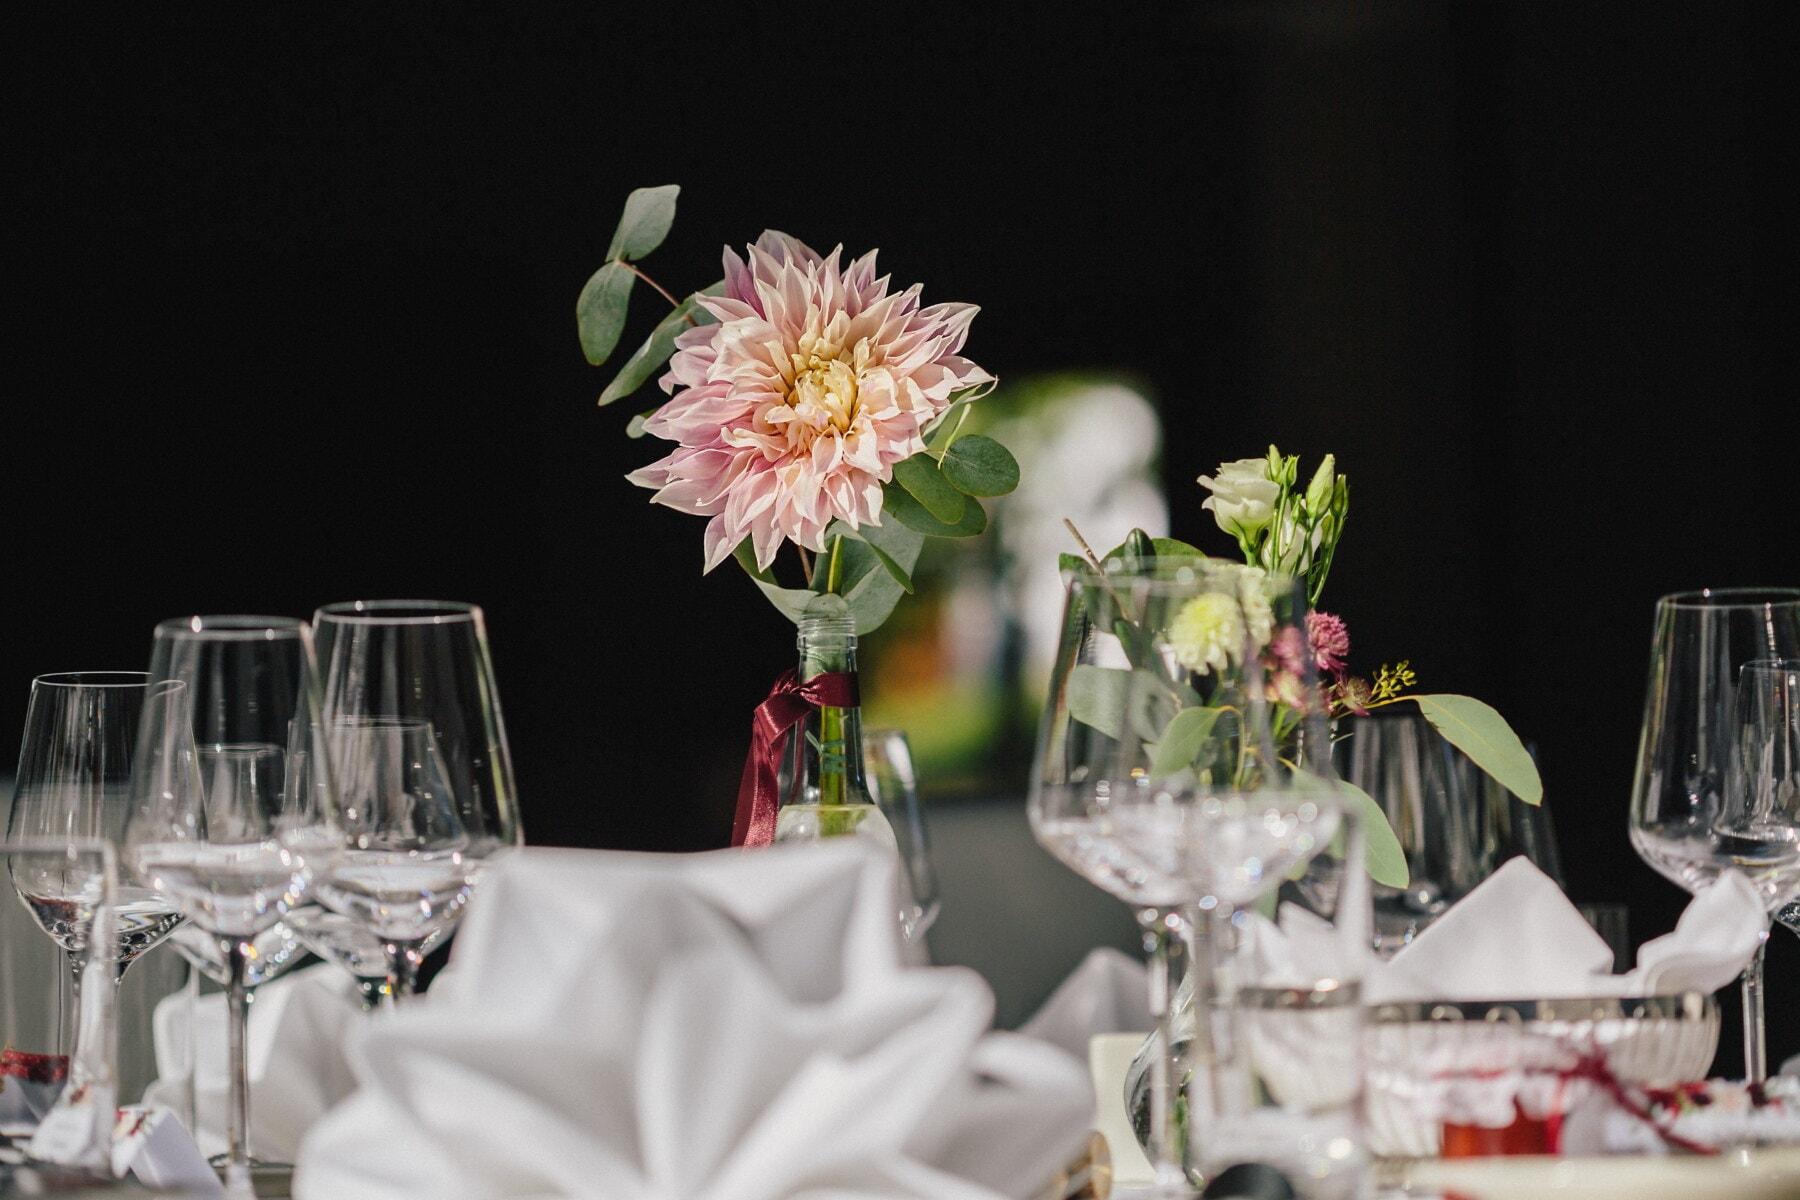 Essbereich, Esstisch, Anordnung, Blume, Blumenstrauß, Speise-, elegant, Wein, Empfang, Romantik